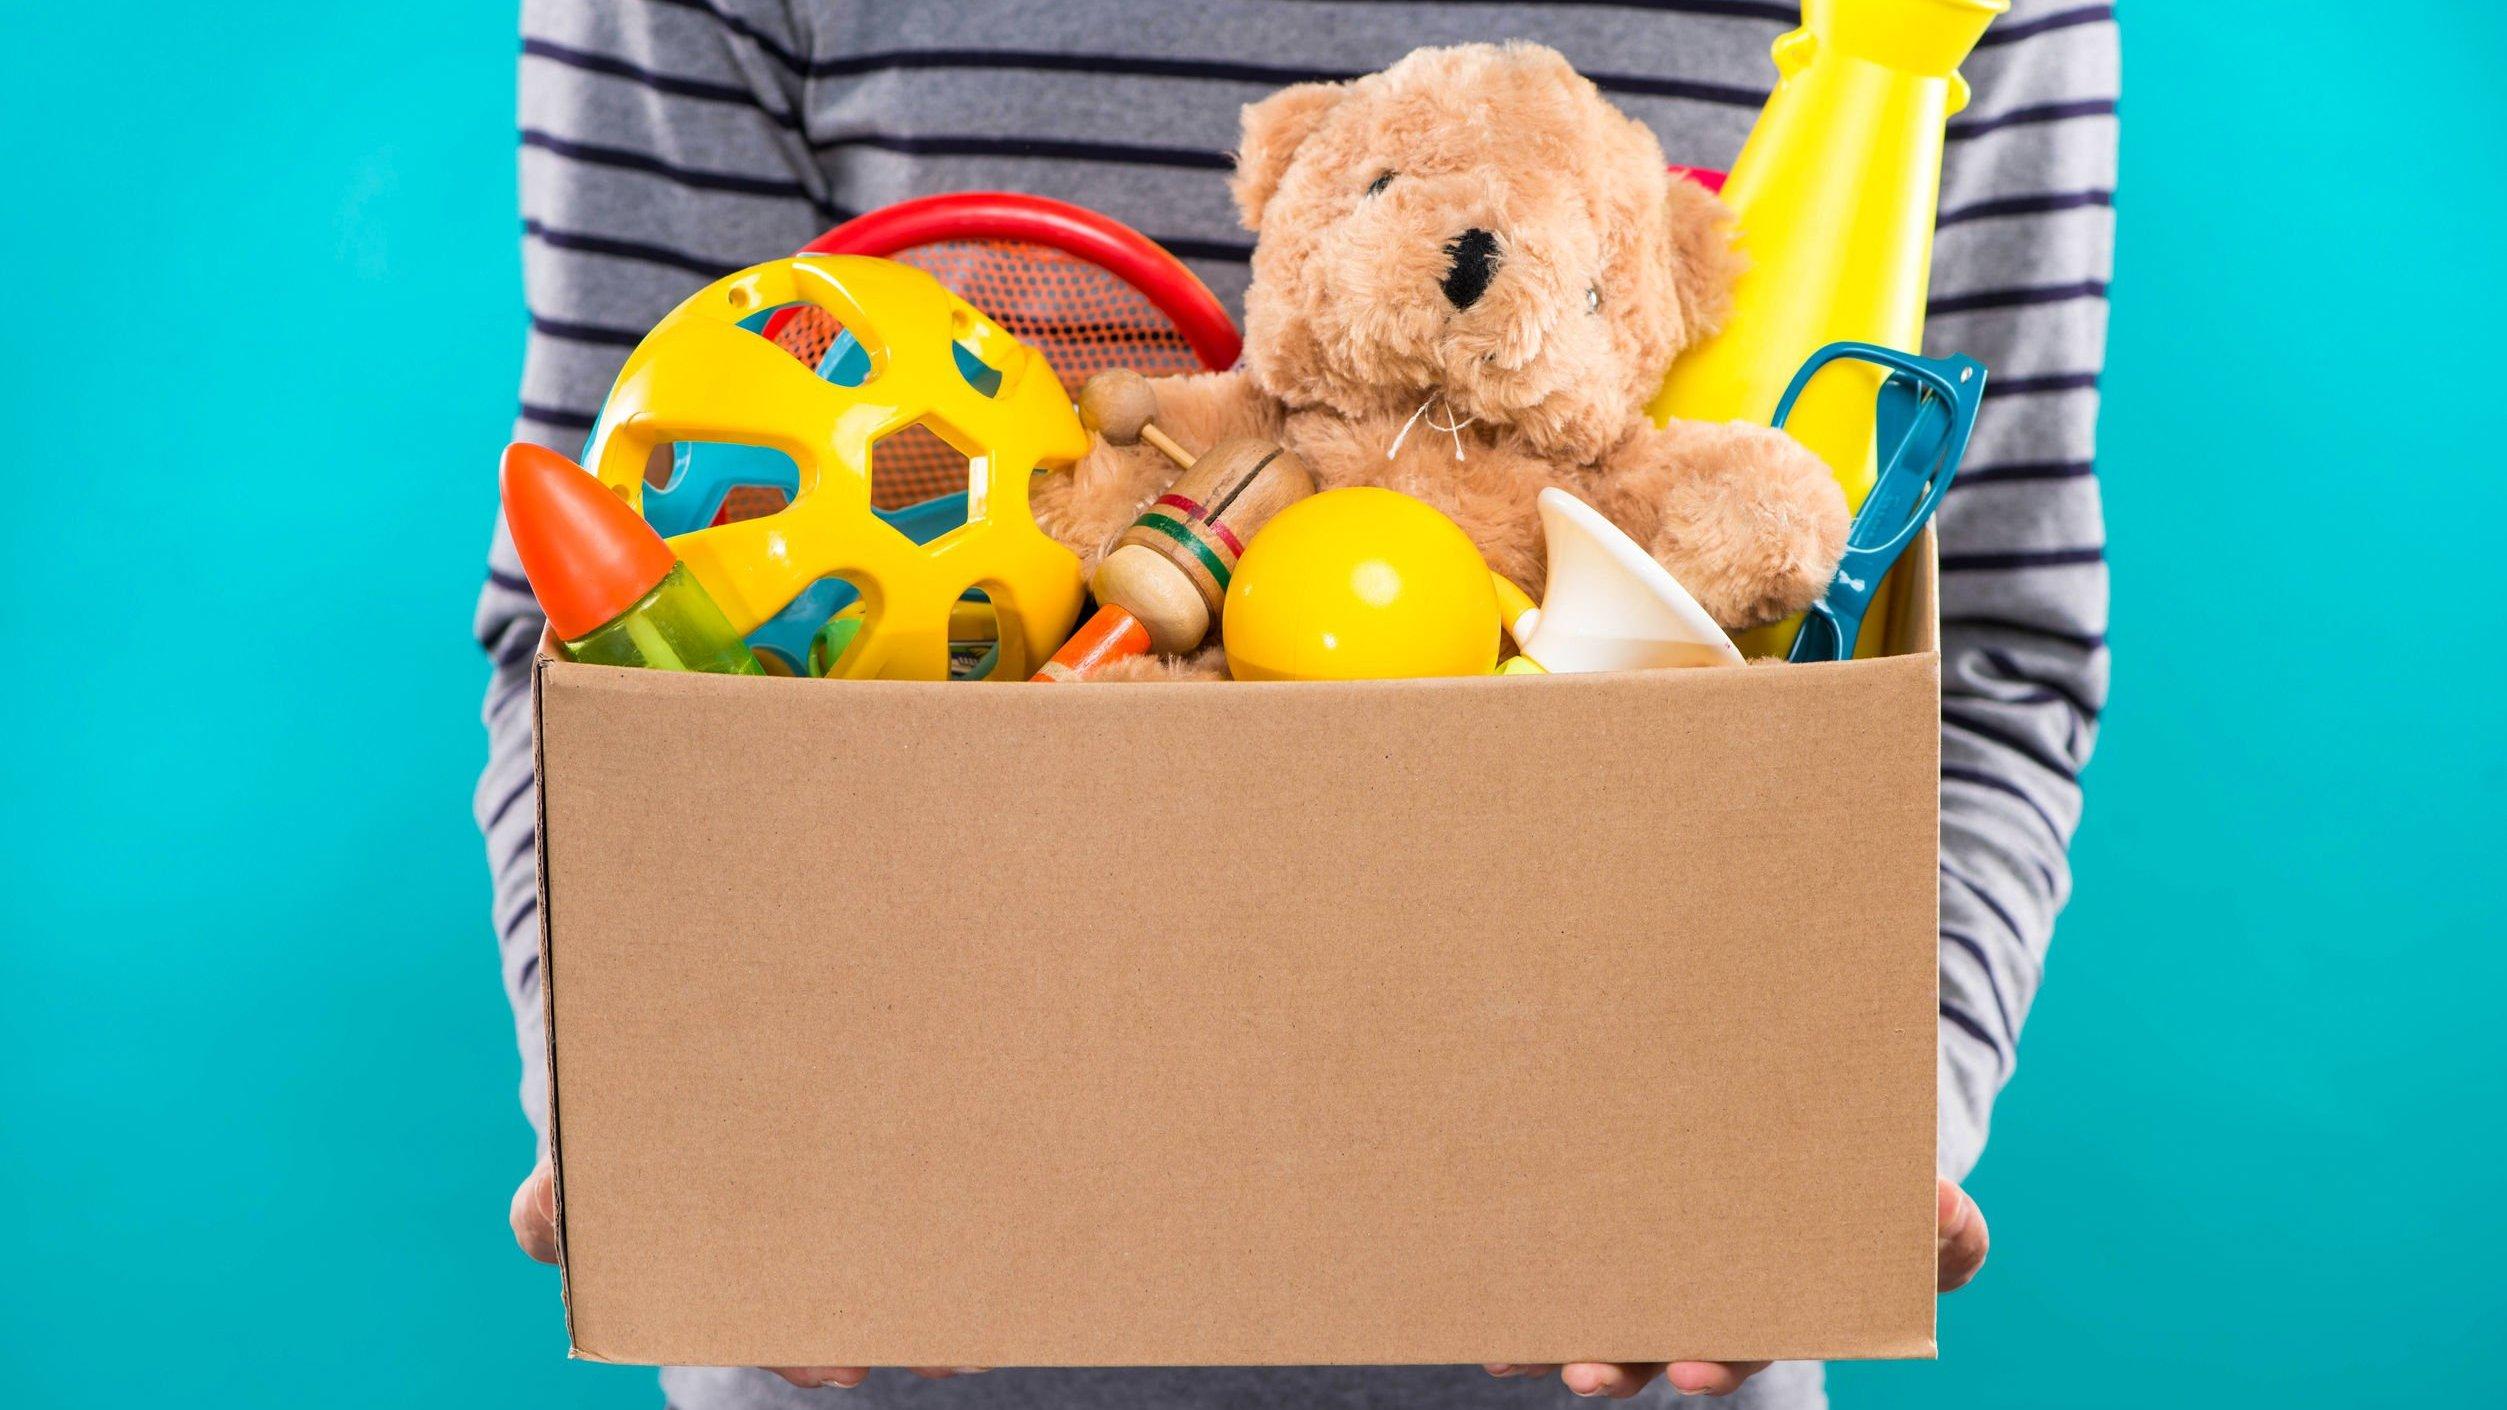 Pessoa segurando caixa de brinquedos